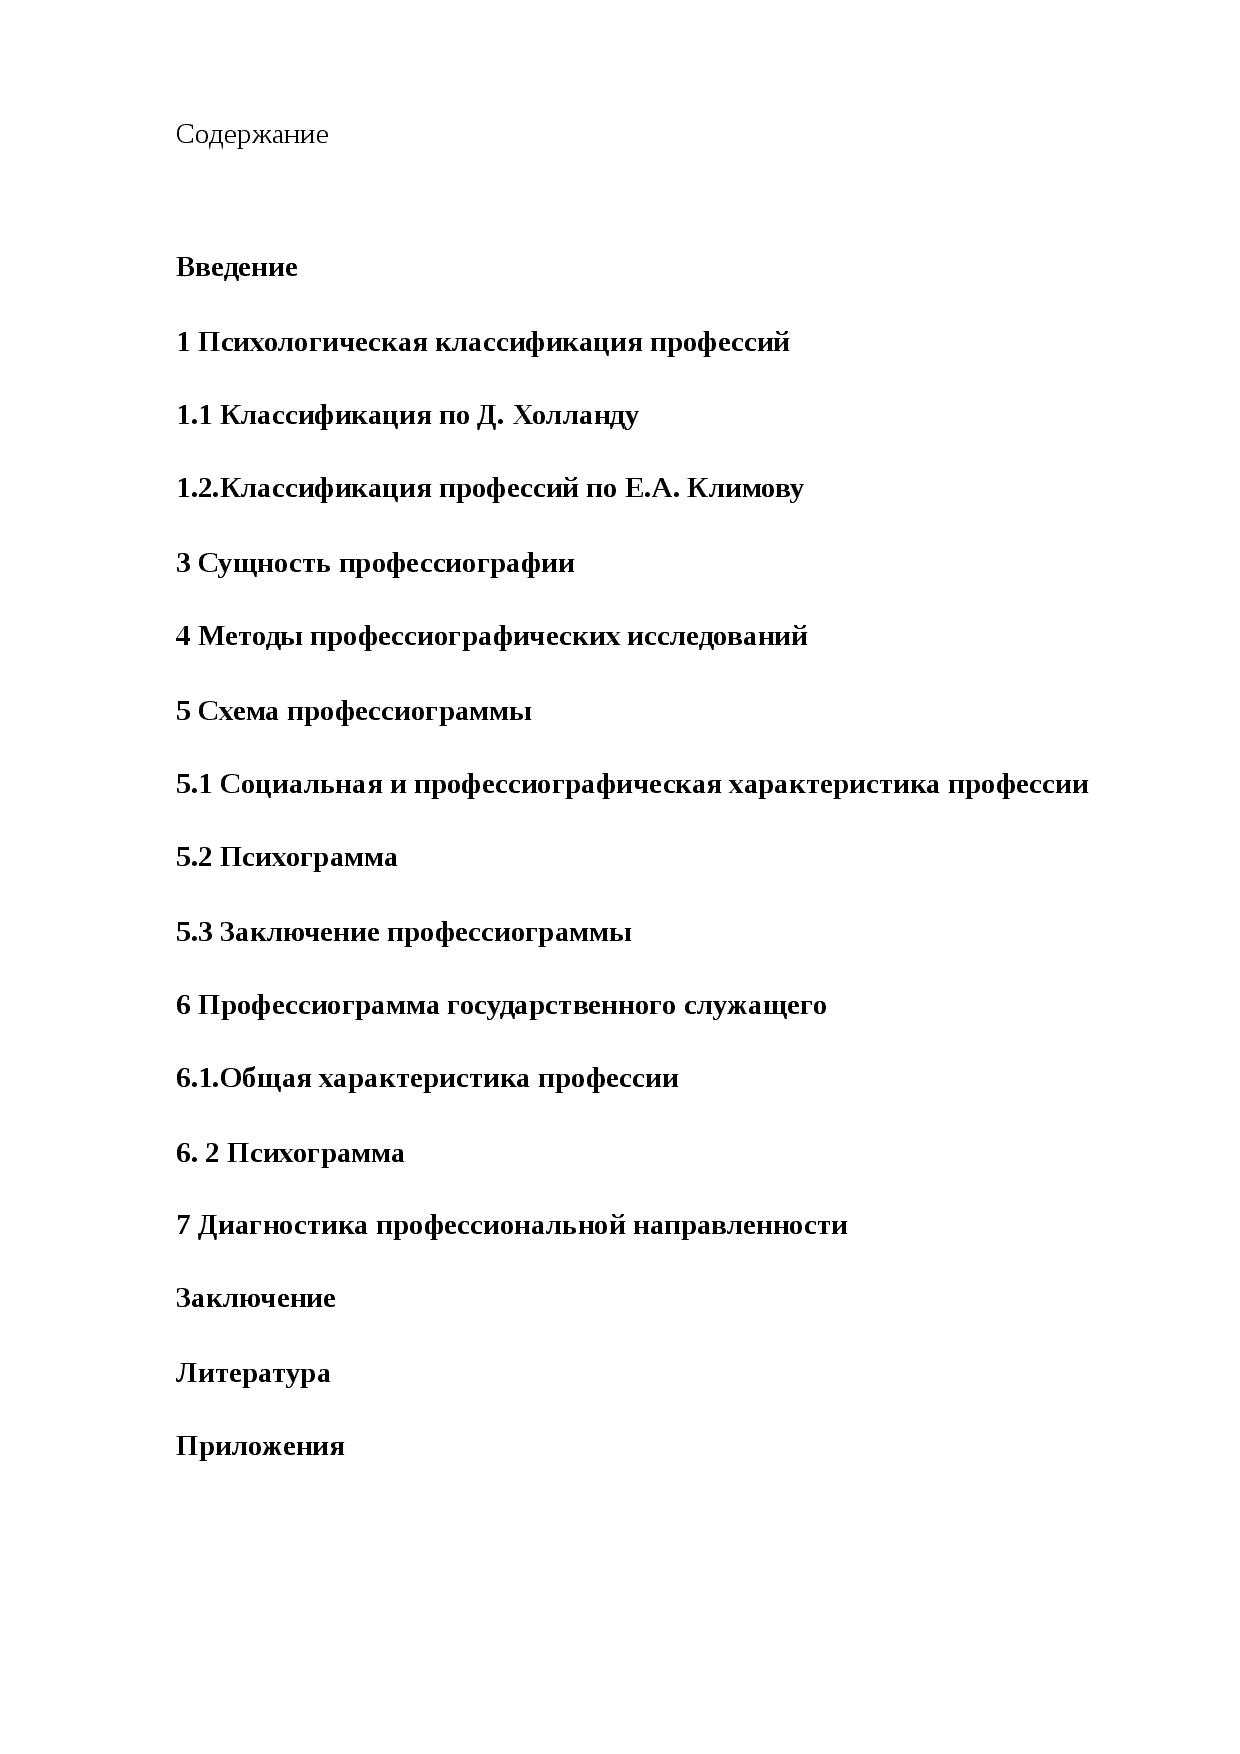 Профессиограмма и принципы их составления (стр. 1 из 3)